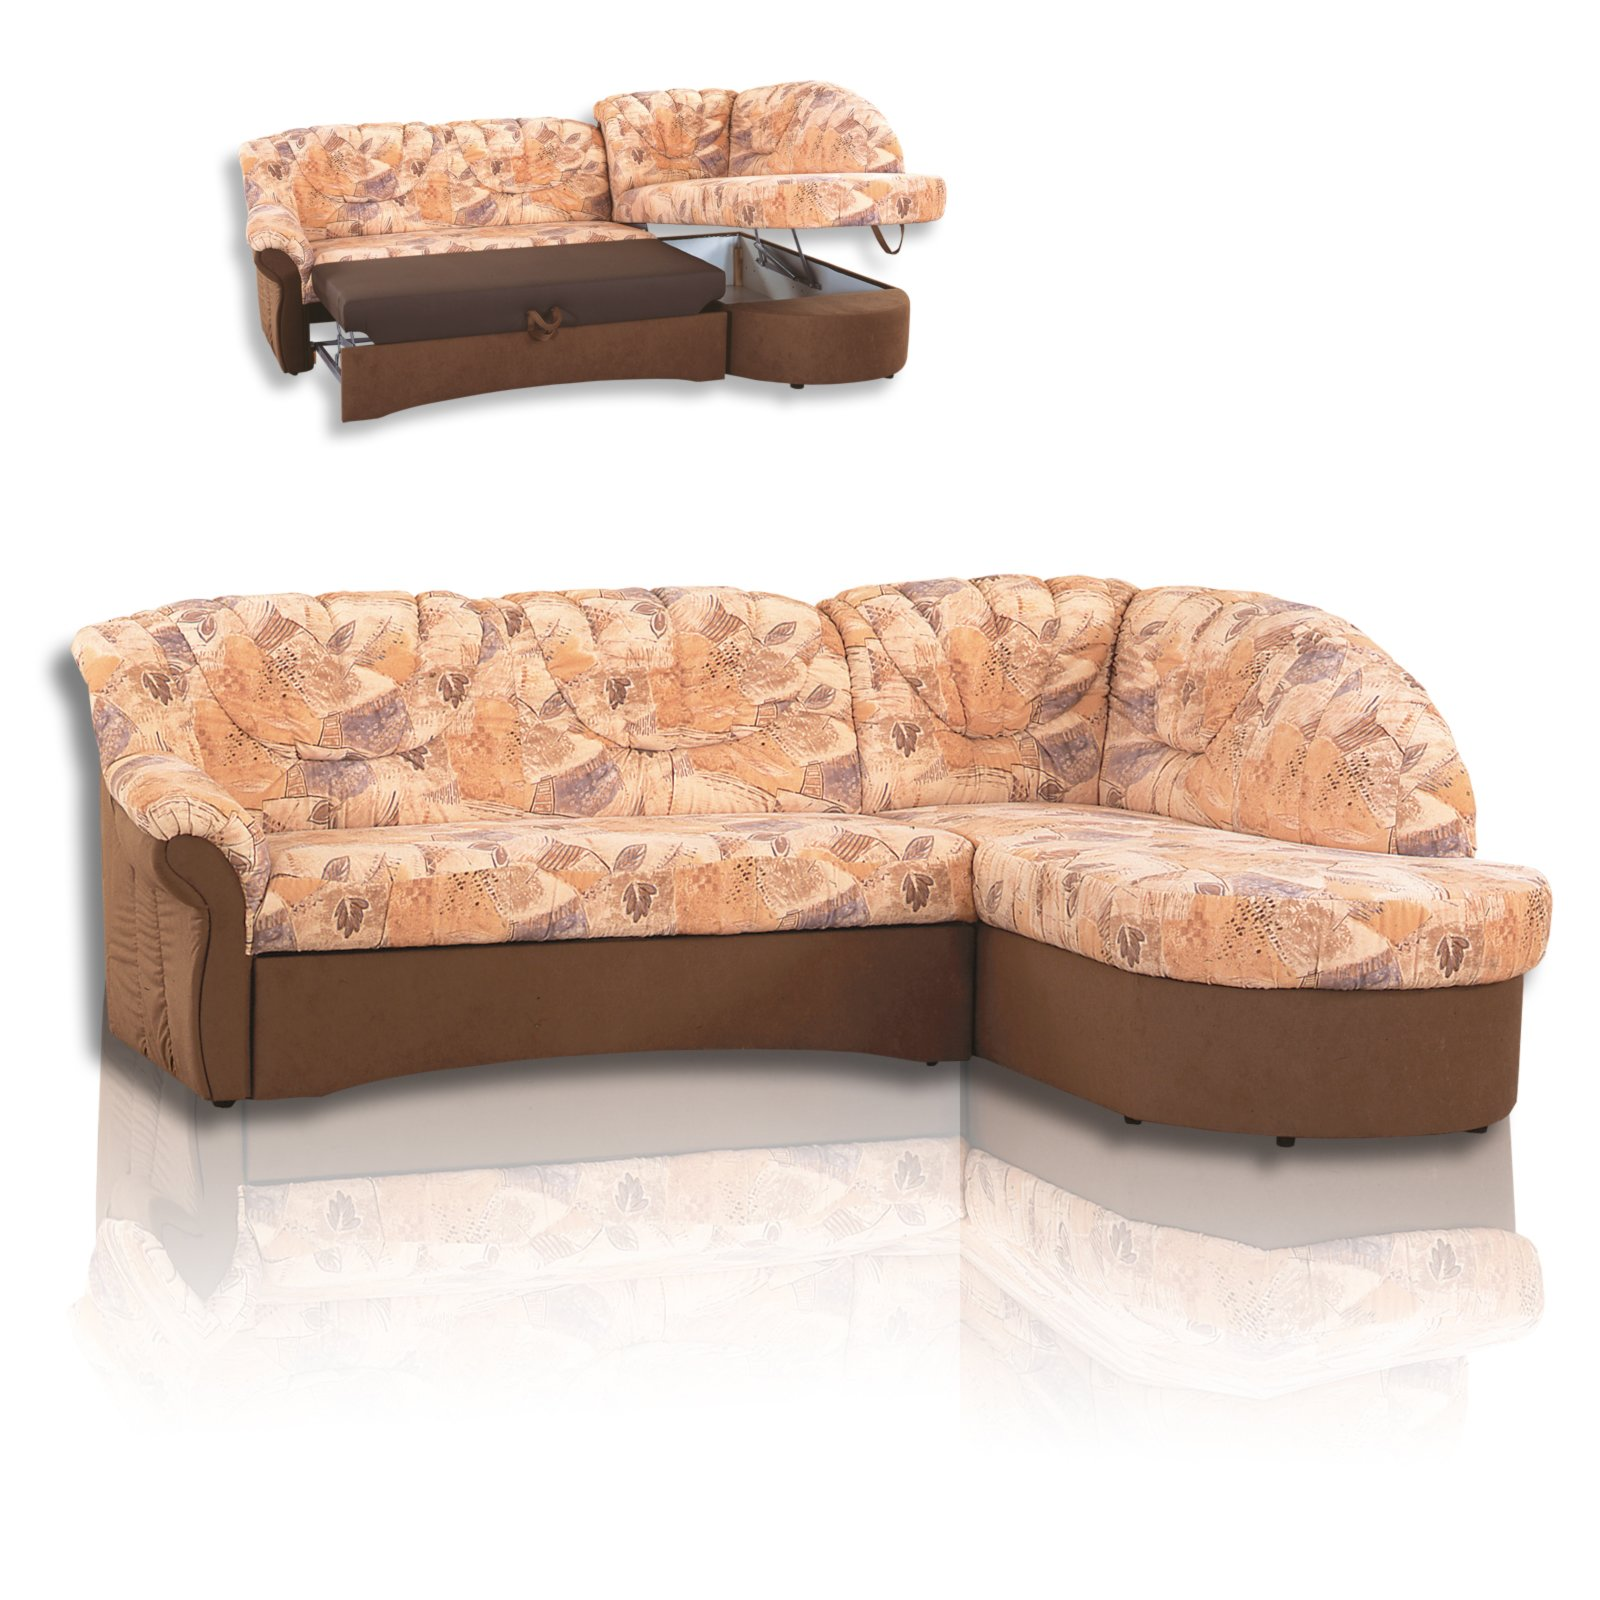 polsterecke braun gemustert mit funktion ecksofas l. Black Bedroom Furniture Sets. Home Design Ideas